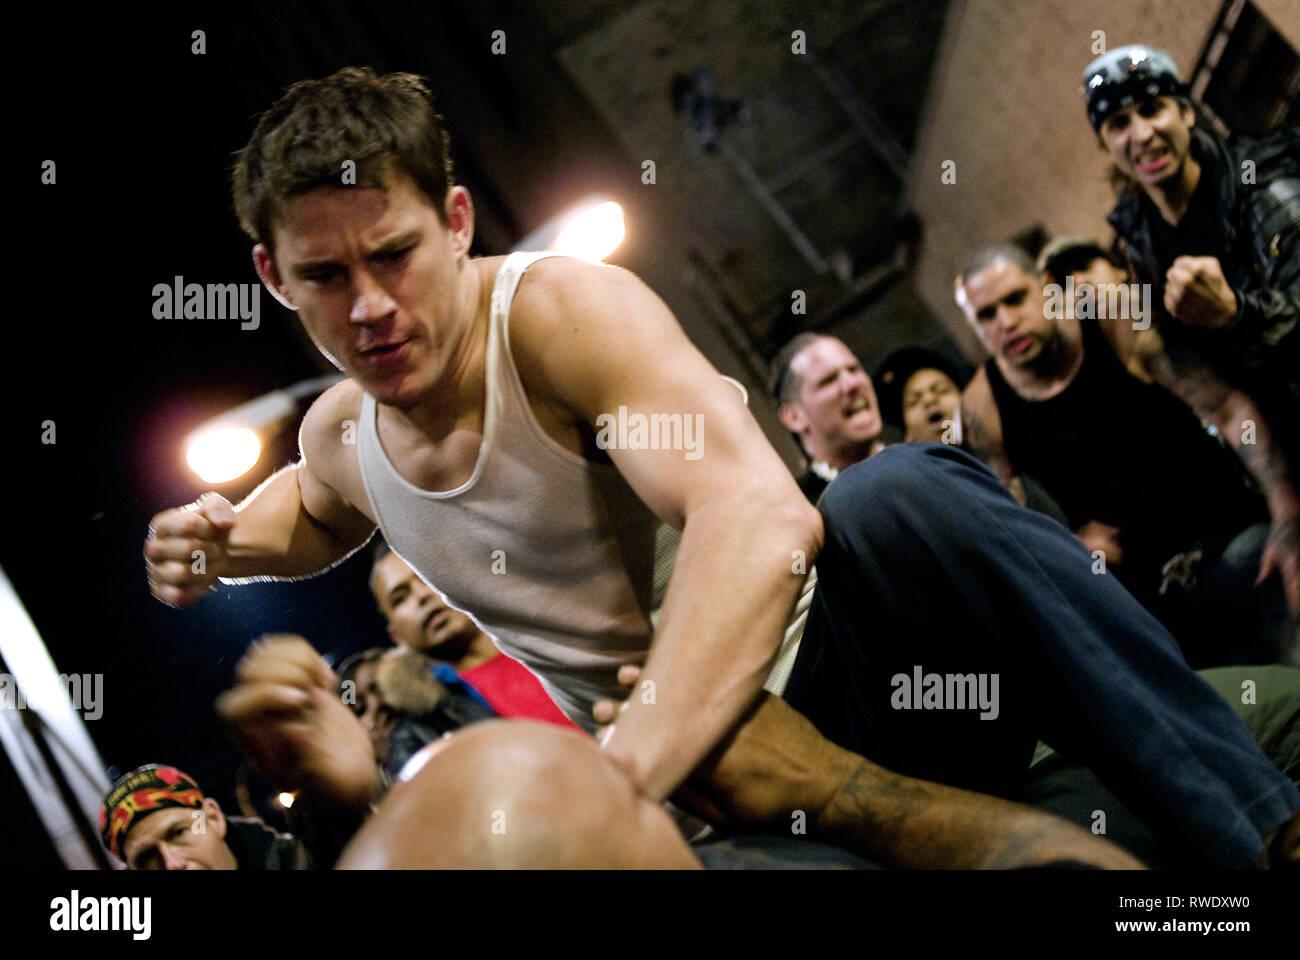 CHANNING TATUM, kämpfen, 2009 Stockbild